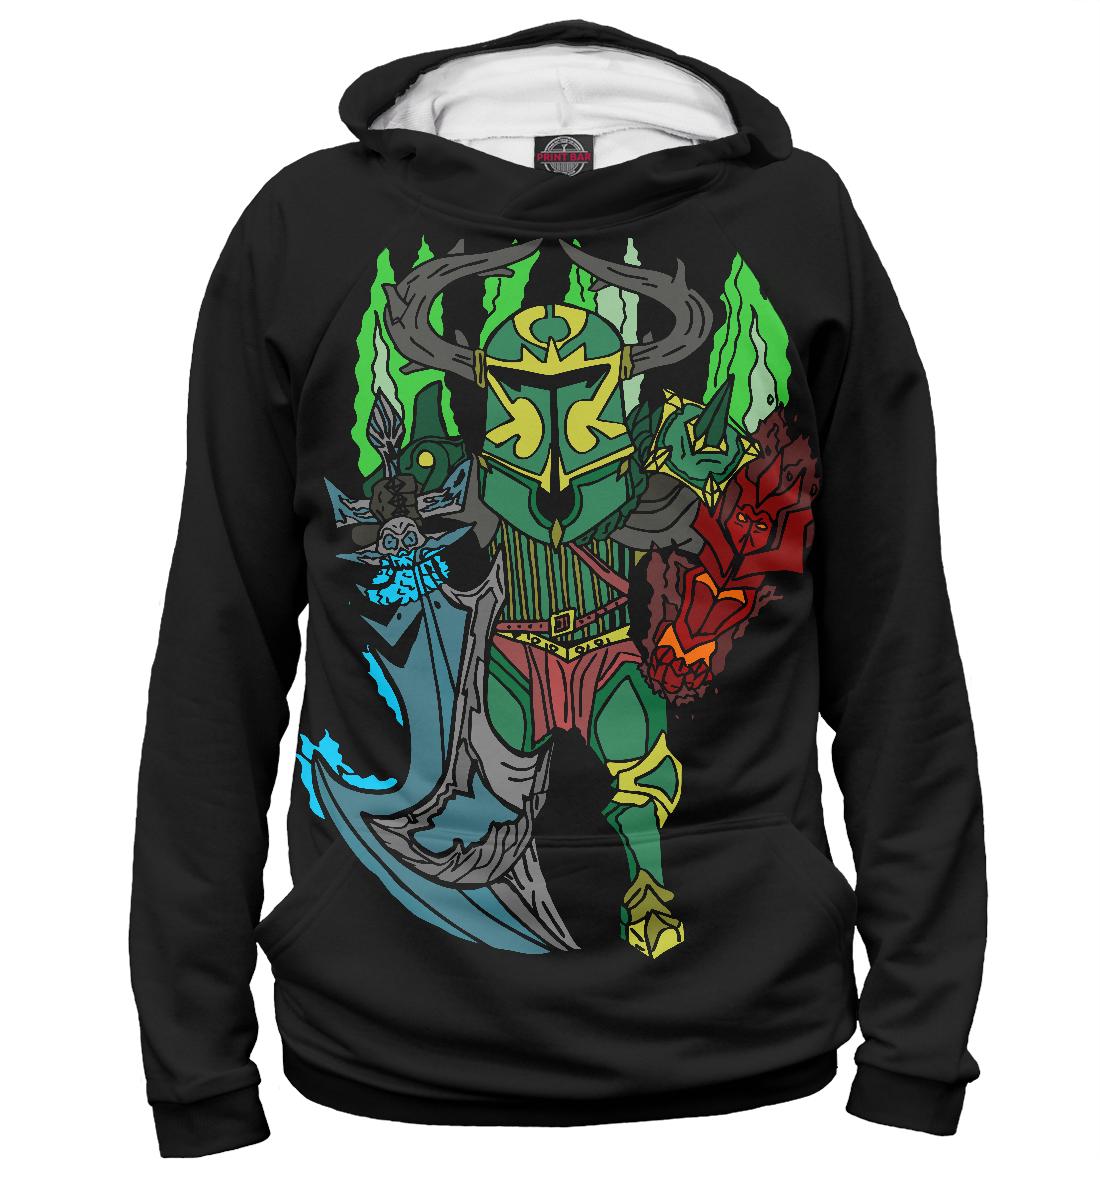 Купить Фан арт Wraith King, Printbar, Худи, DO2-502003-hud-2